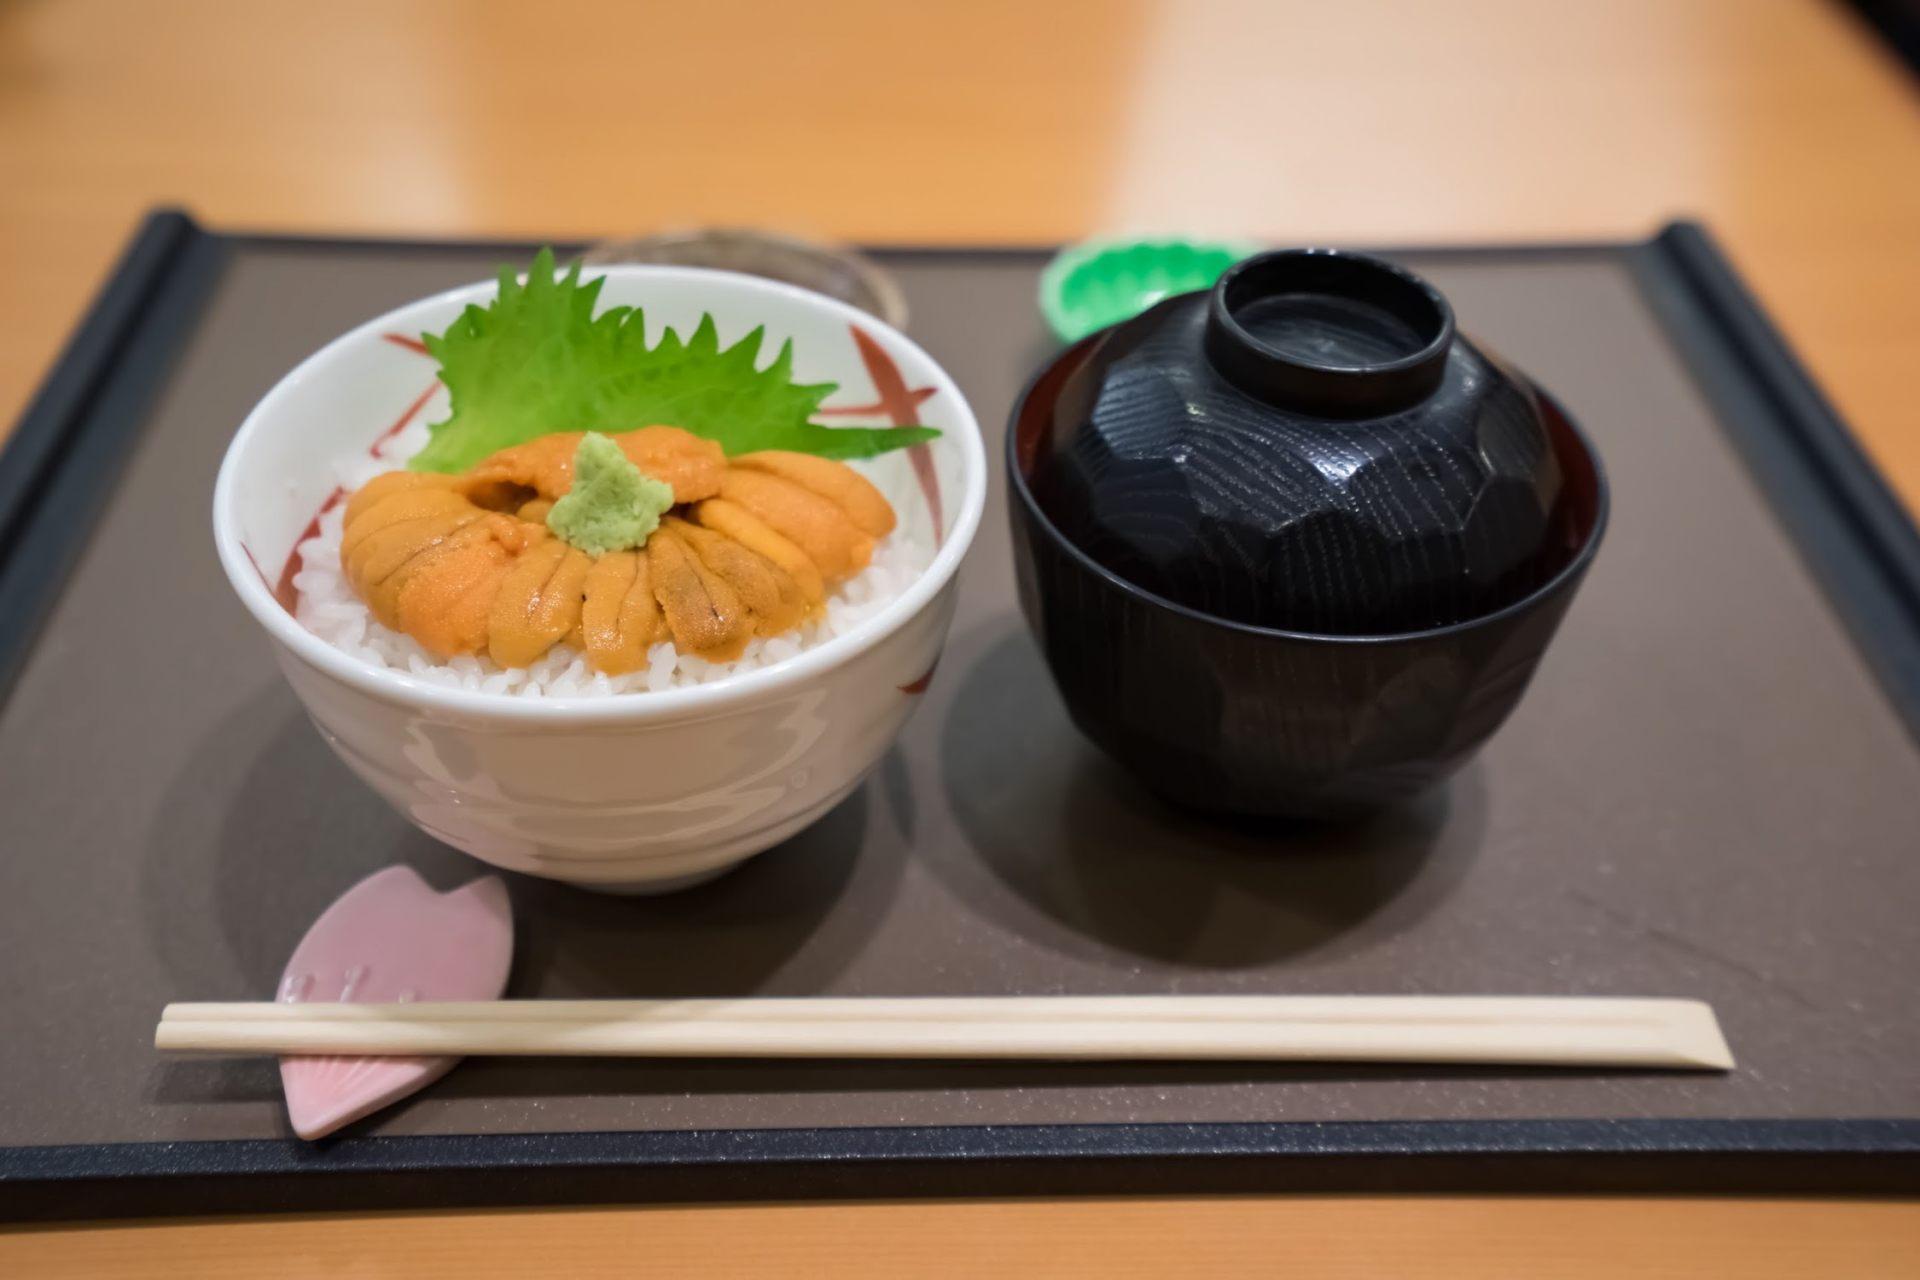 无添加物生海胆丼饭 S size